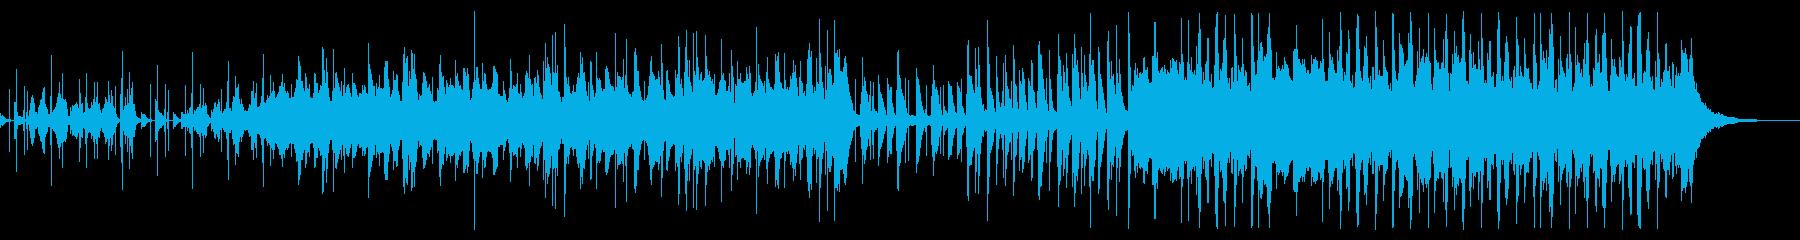 AppleのCM風なトランペットビートの再生済みの波形